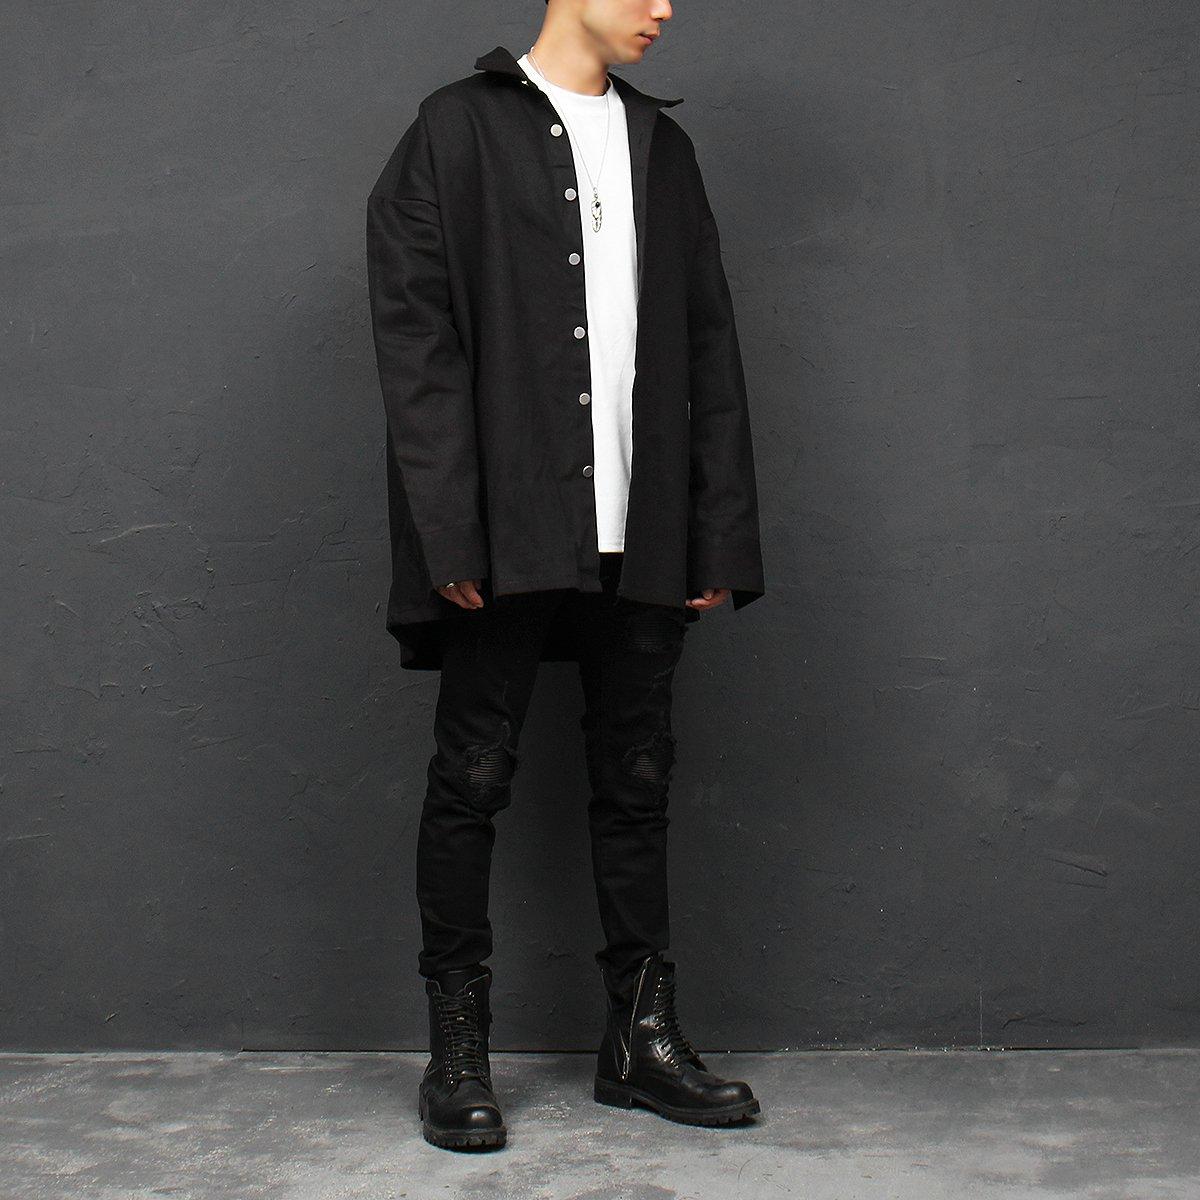 GENTLER SHOP Men/'s Distressed Destroyed Leather Panel Black Skinny Jeans 105